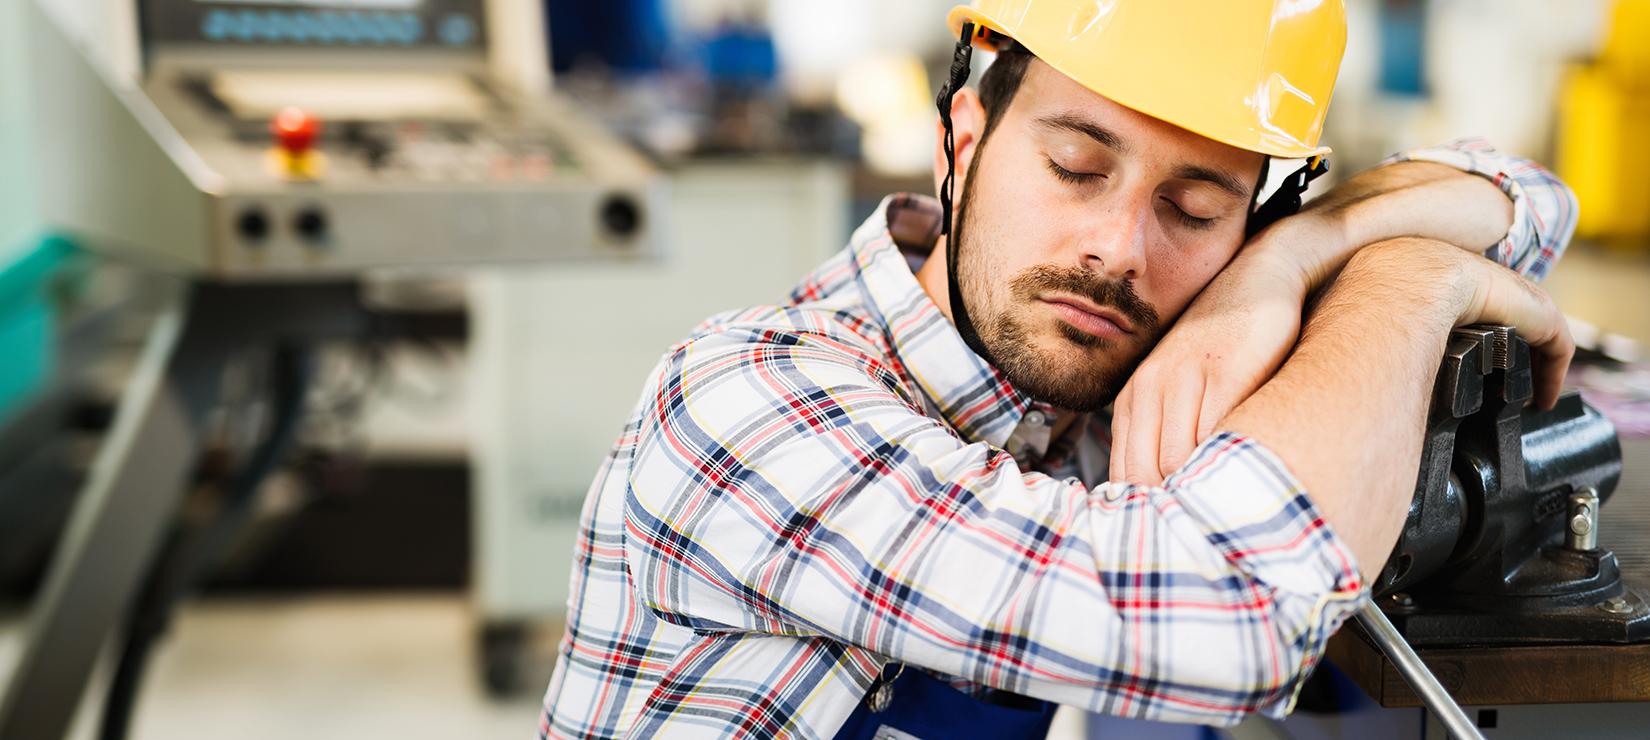 Schlafprobleme als Risikofaktor für Arbeitsunfälle